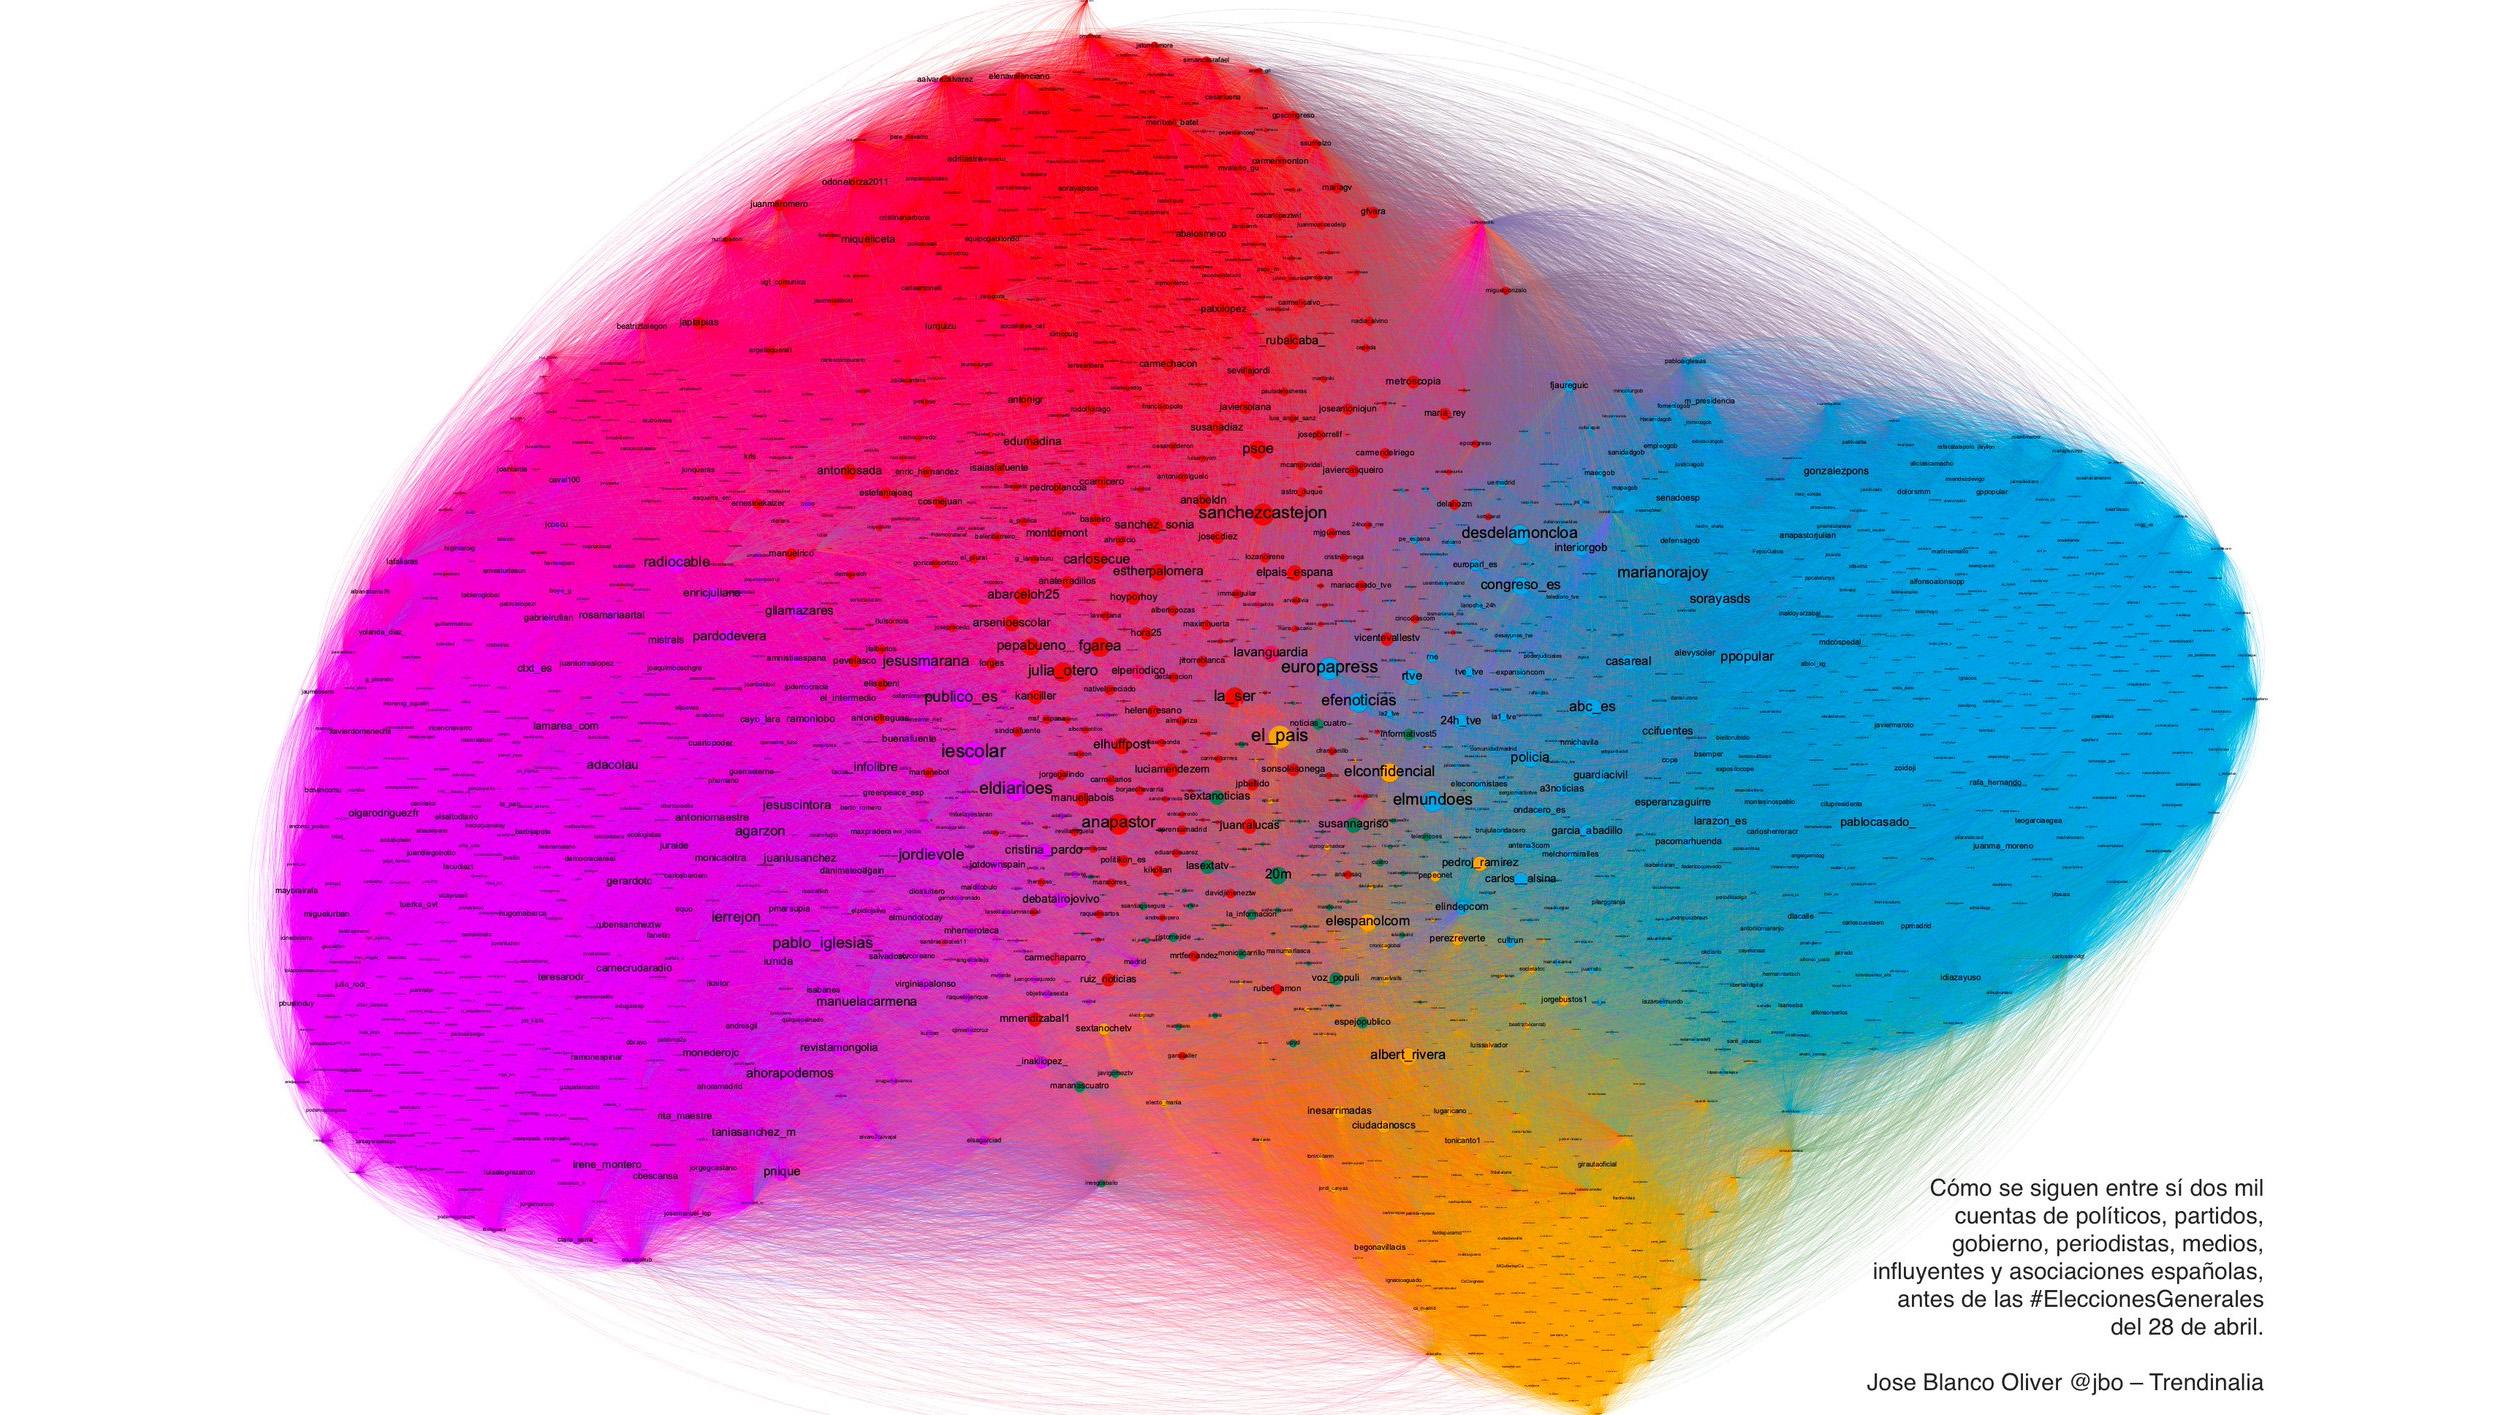 Quién sigue a quién: así es el enmarañado entramado de las relaciones entre partidos en Twitter